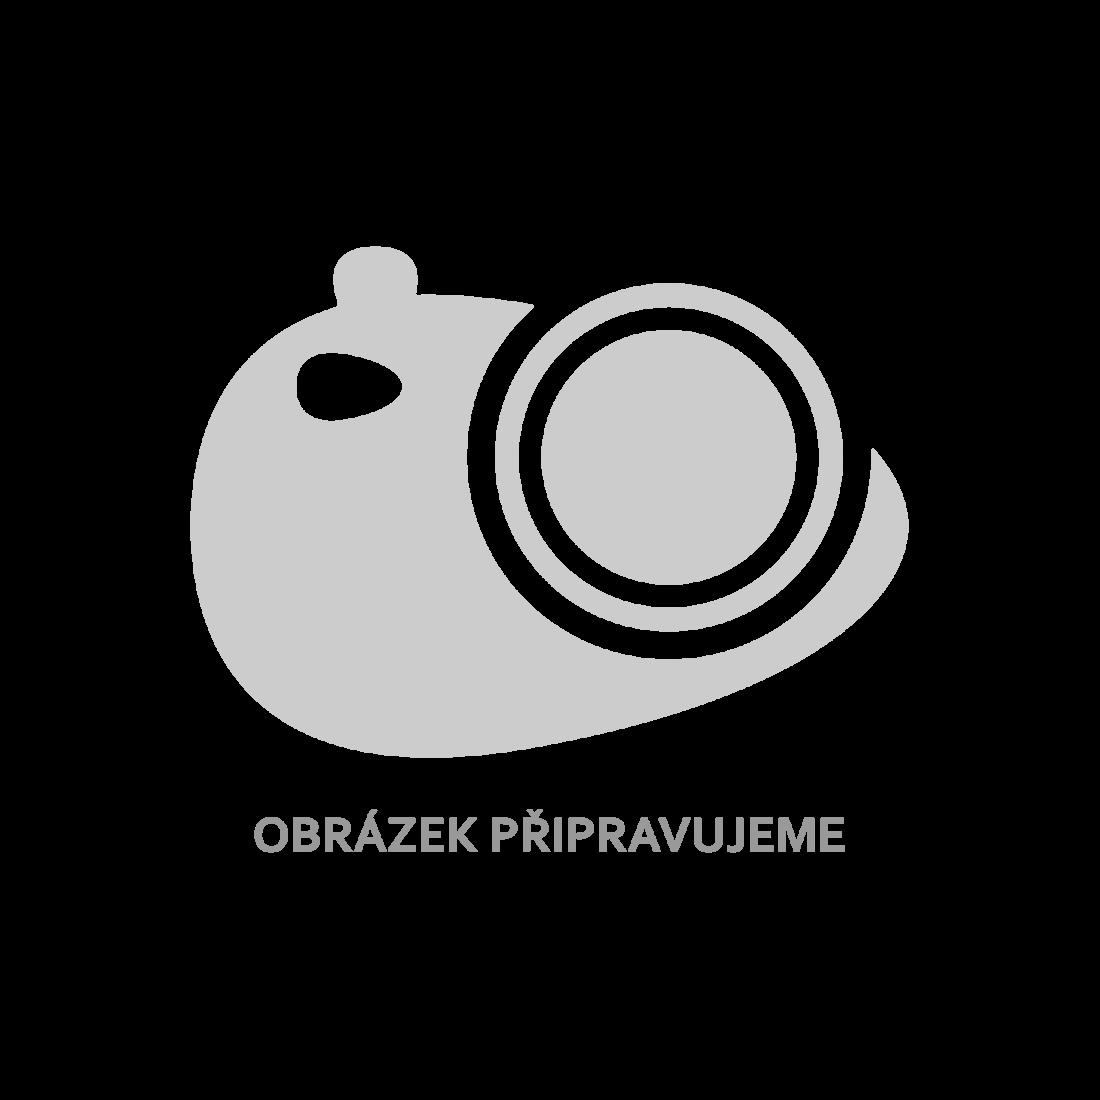 Pískově bílý čalouněný polštář pod záda 120 x 40 x 10 cm